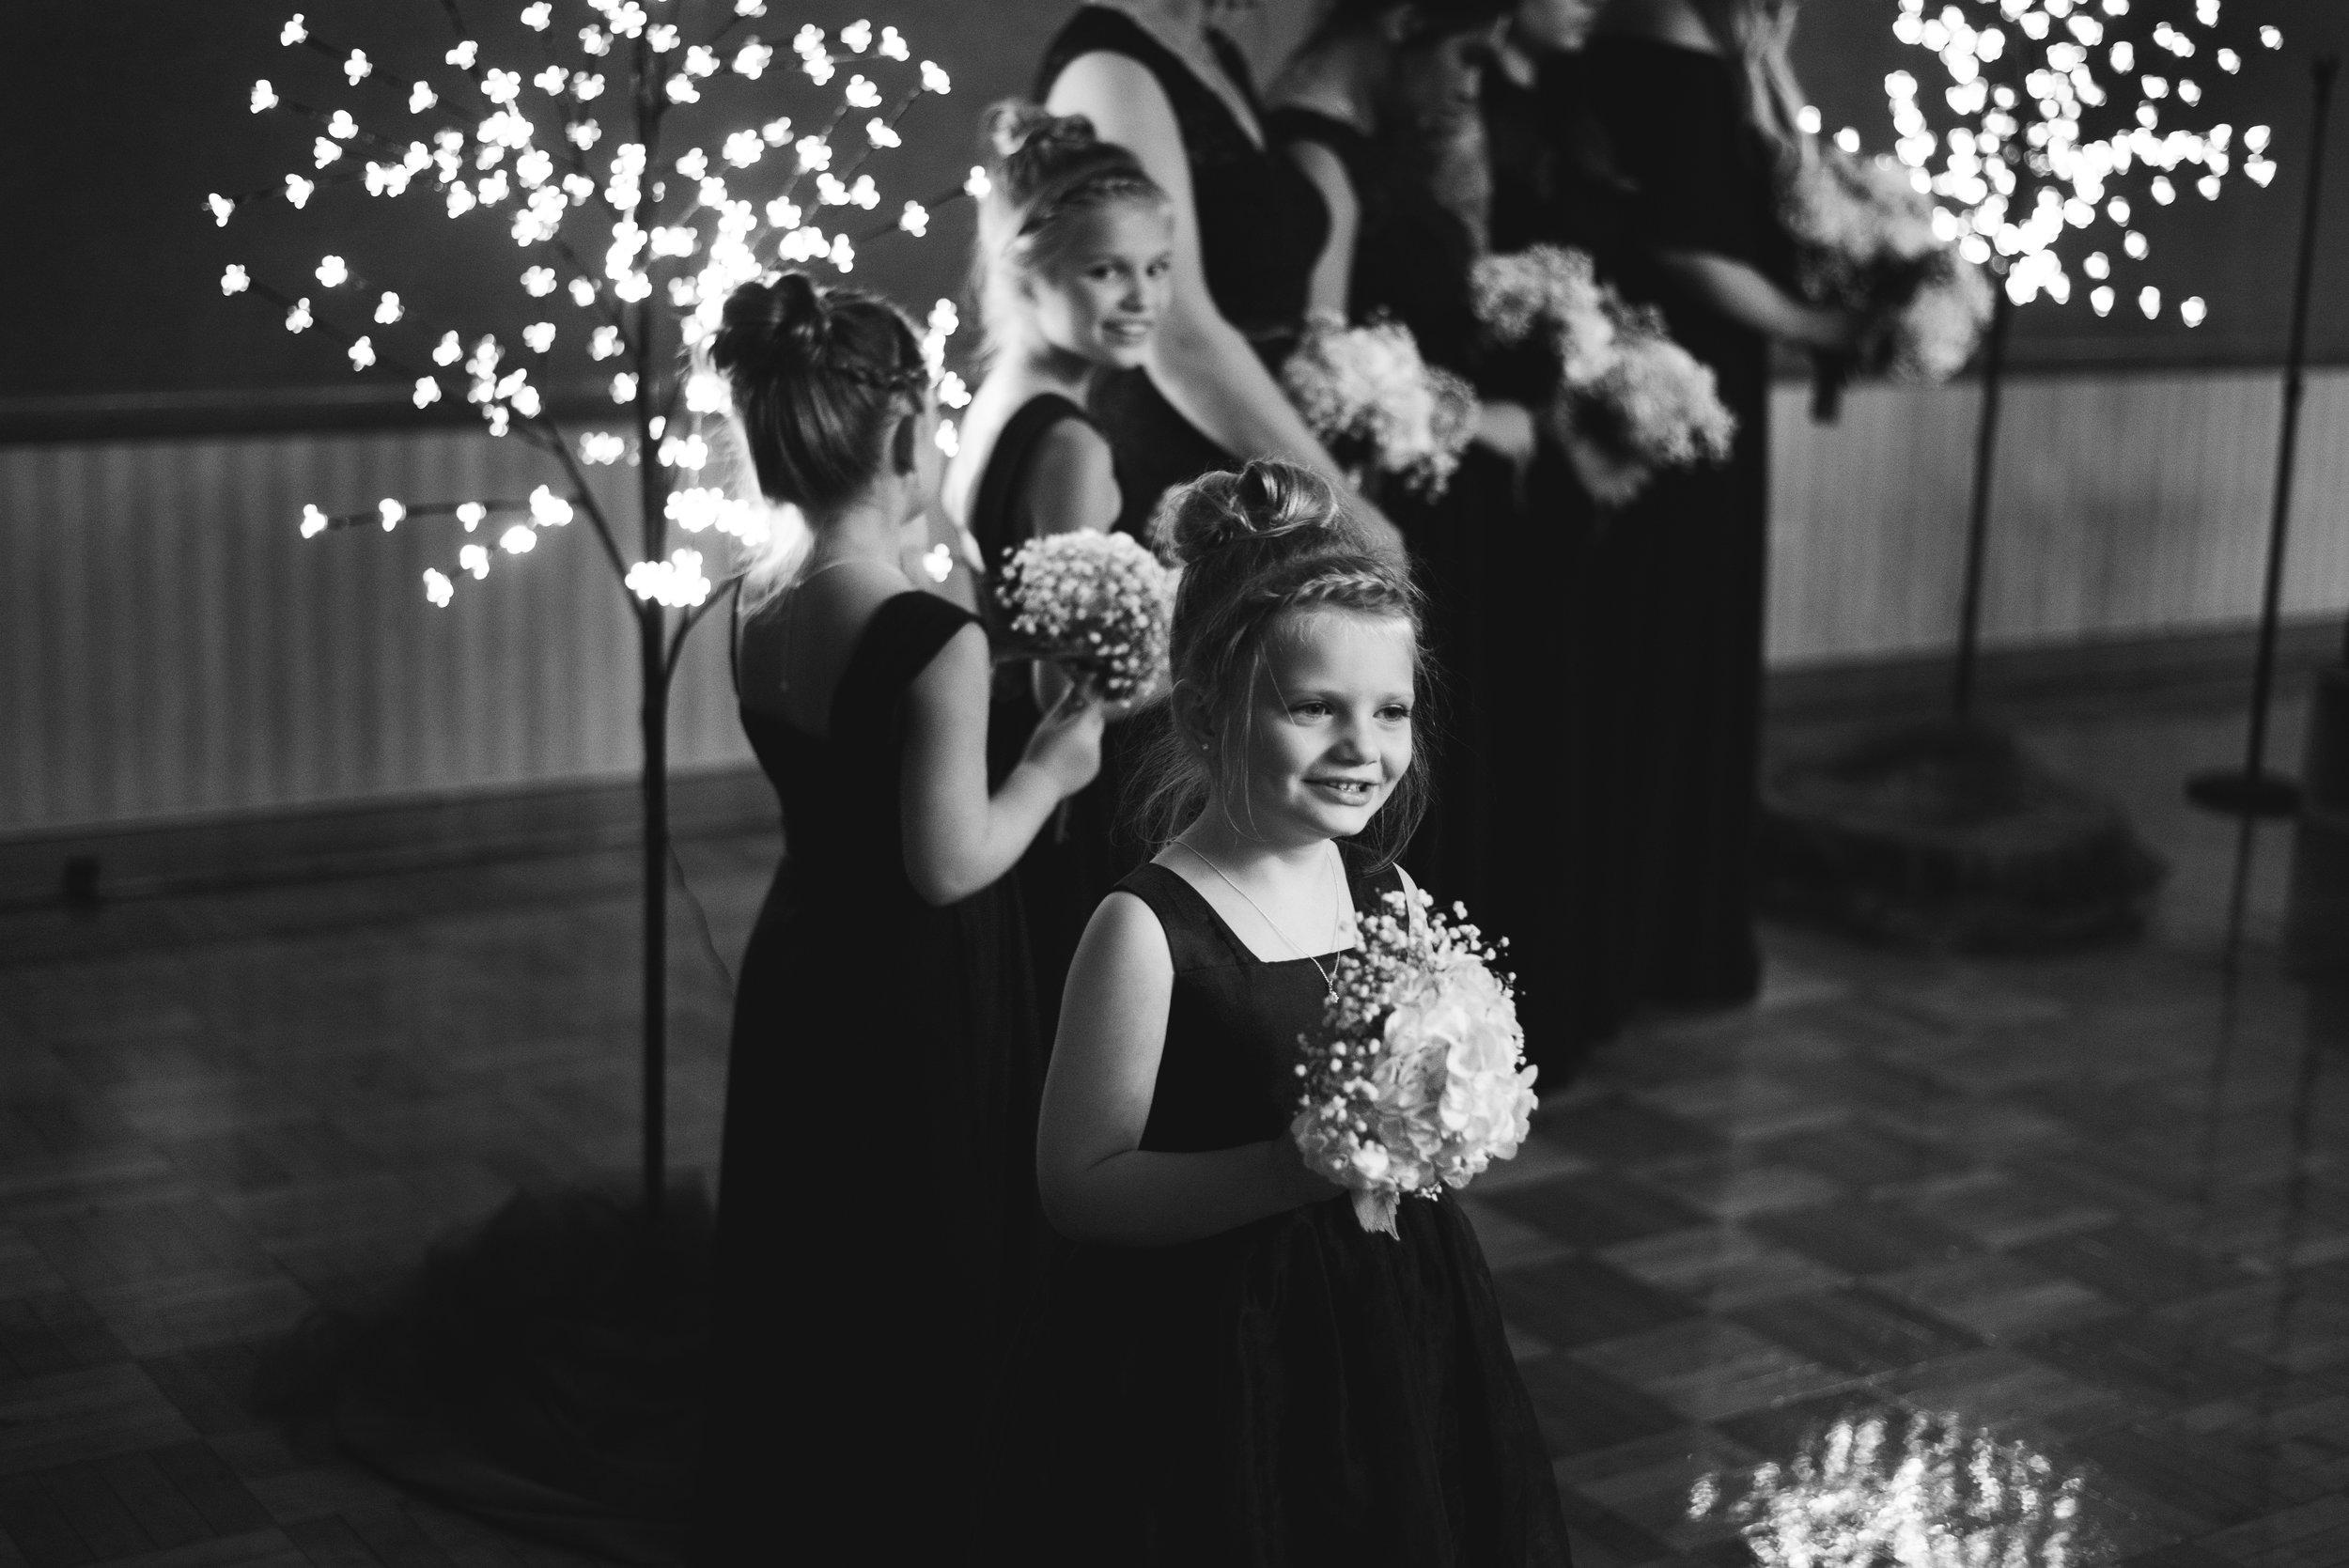 King-Northern-Illinois-University-Wedding066.jpg